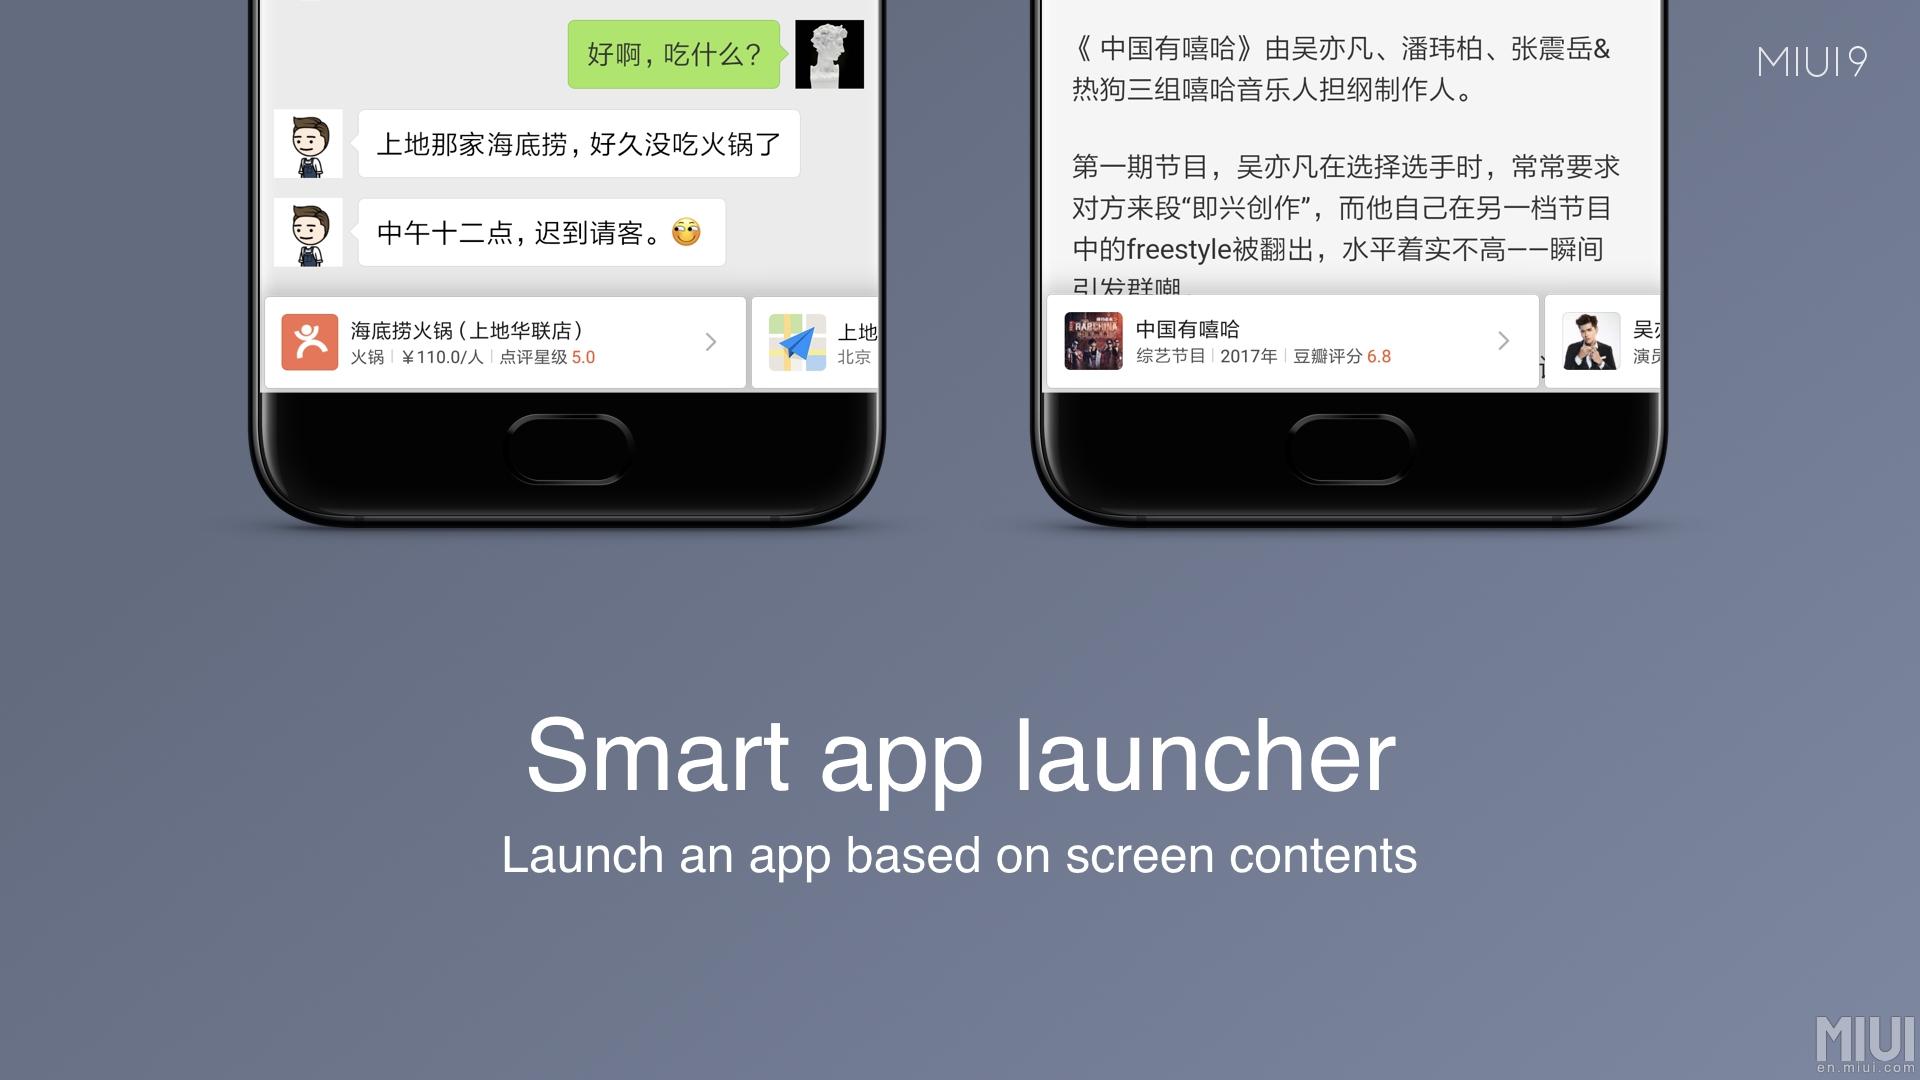 Launcher inteligente de aplicaciones MIUI 9